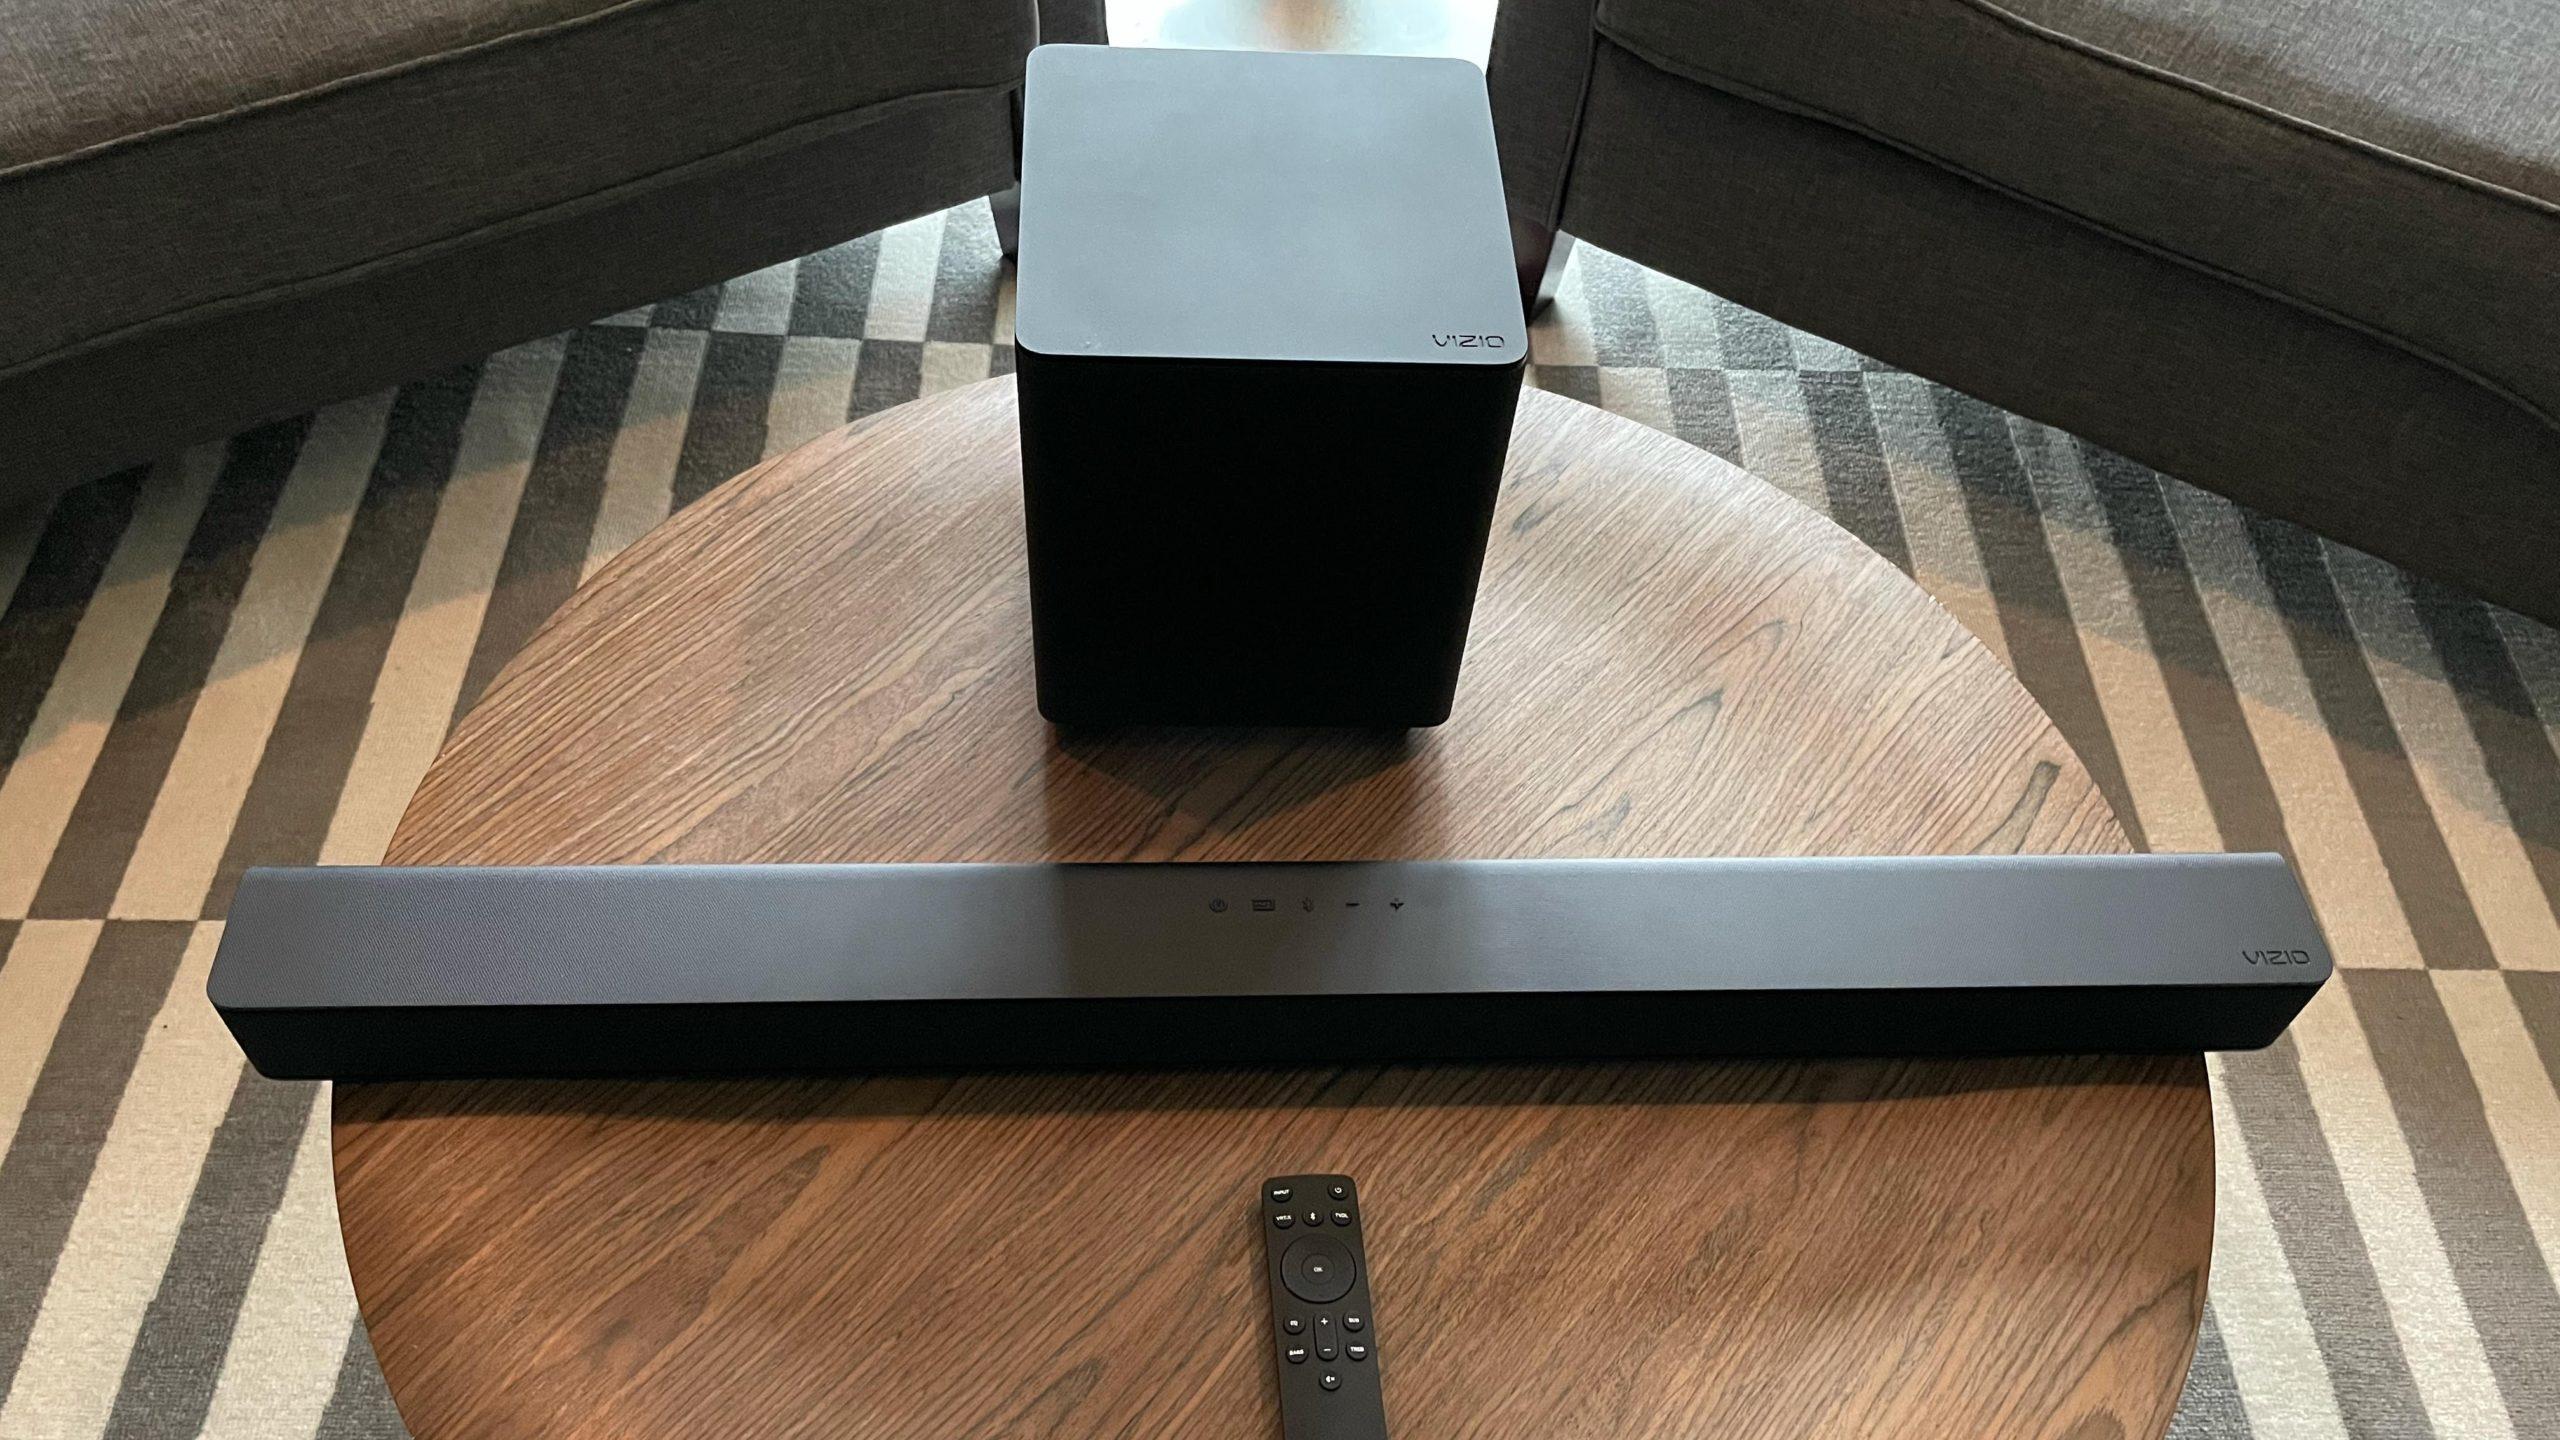 Vizio V-Series 2.1 Home Theater Soundbar V21-H8 review